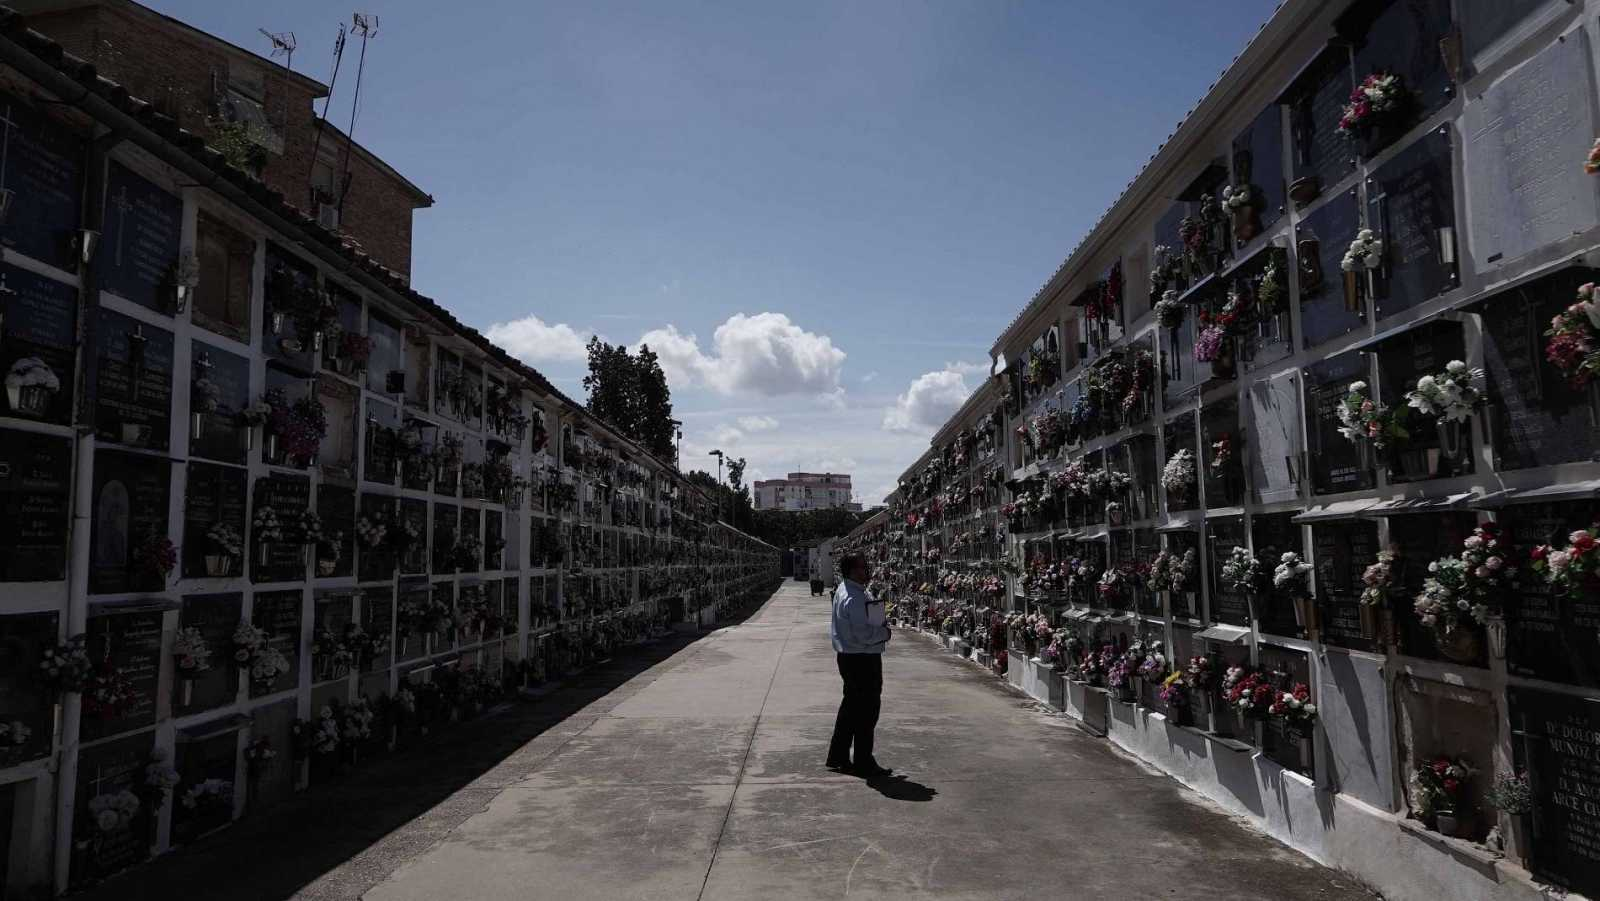 El cementerio de San Rafael, en Córdoba, recibe sus primeros visitantes tras el confinamiento por el coronavirus